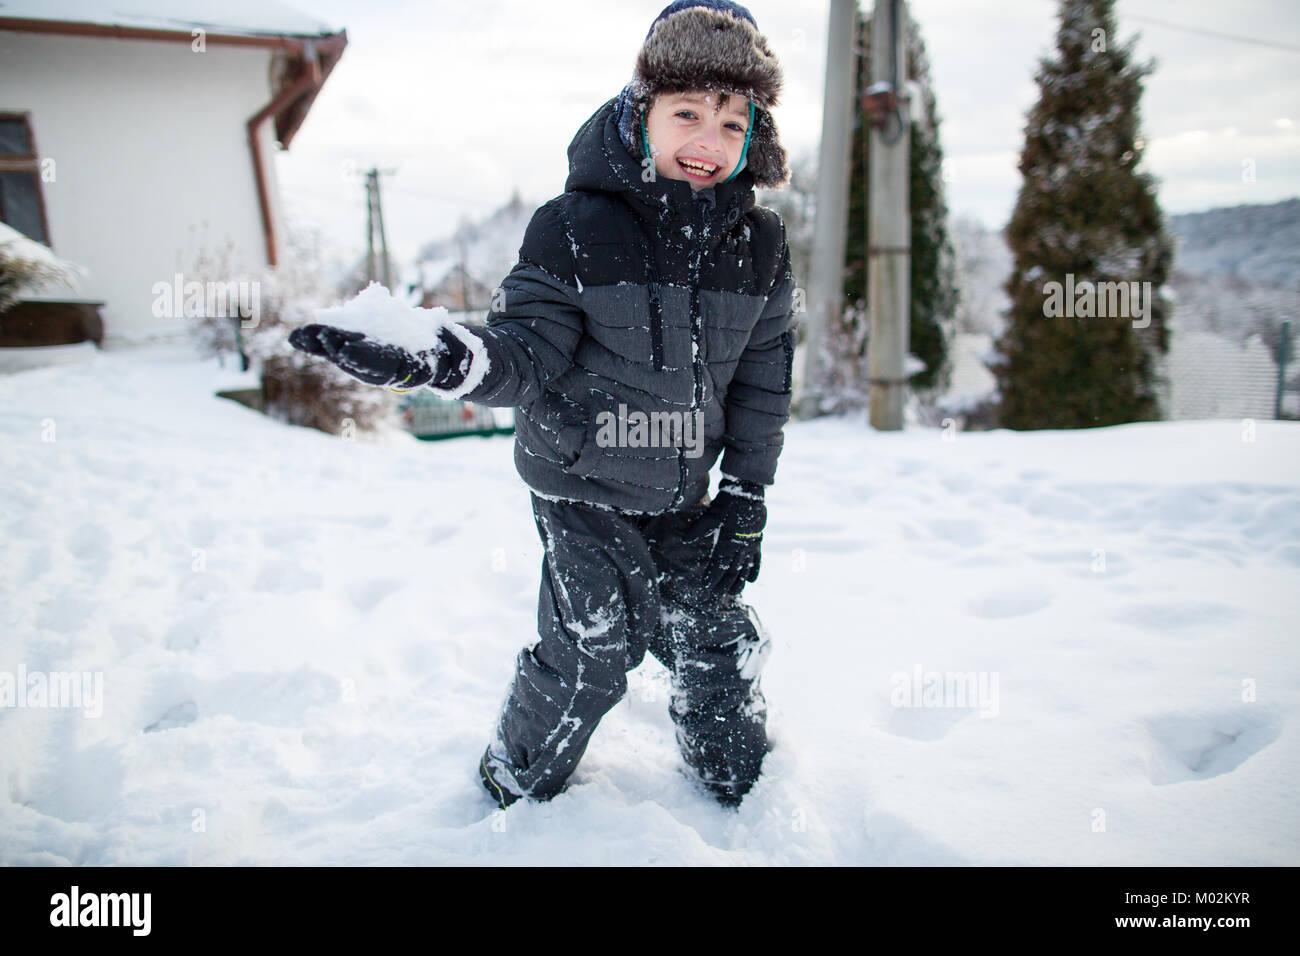 Rire dans l'enfant des vêtements chauds s'amusant pendant une bataille de boules de neige. Garçon Photo Stock